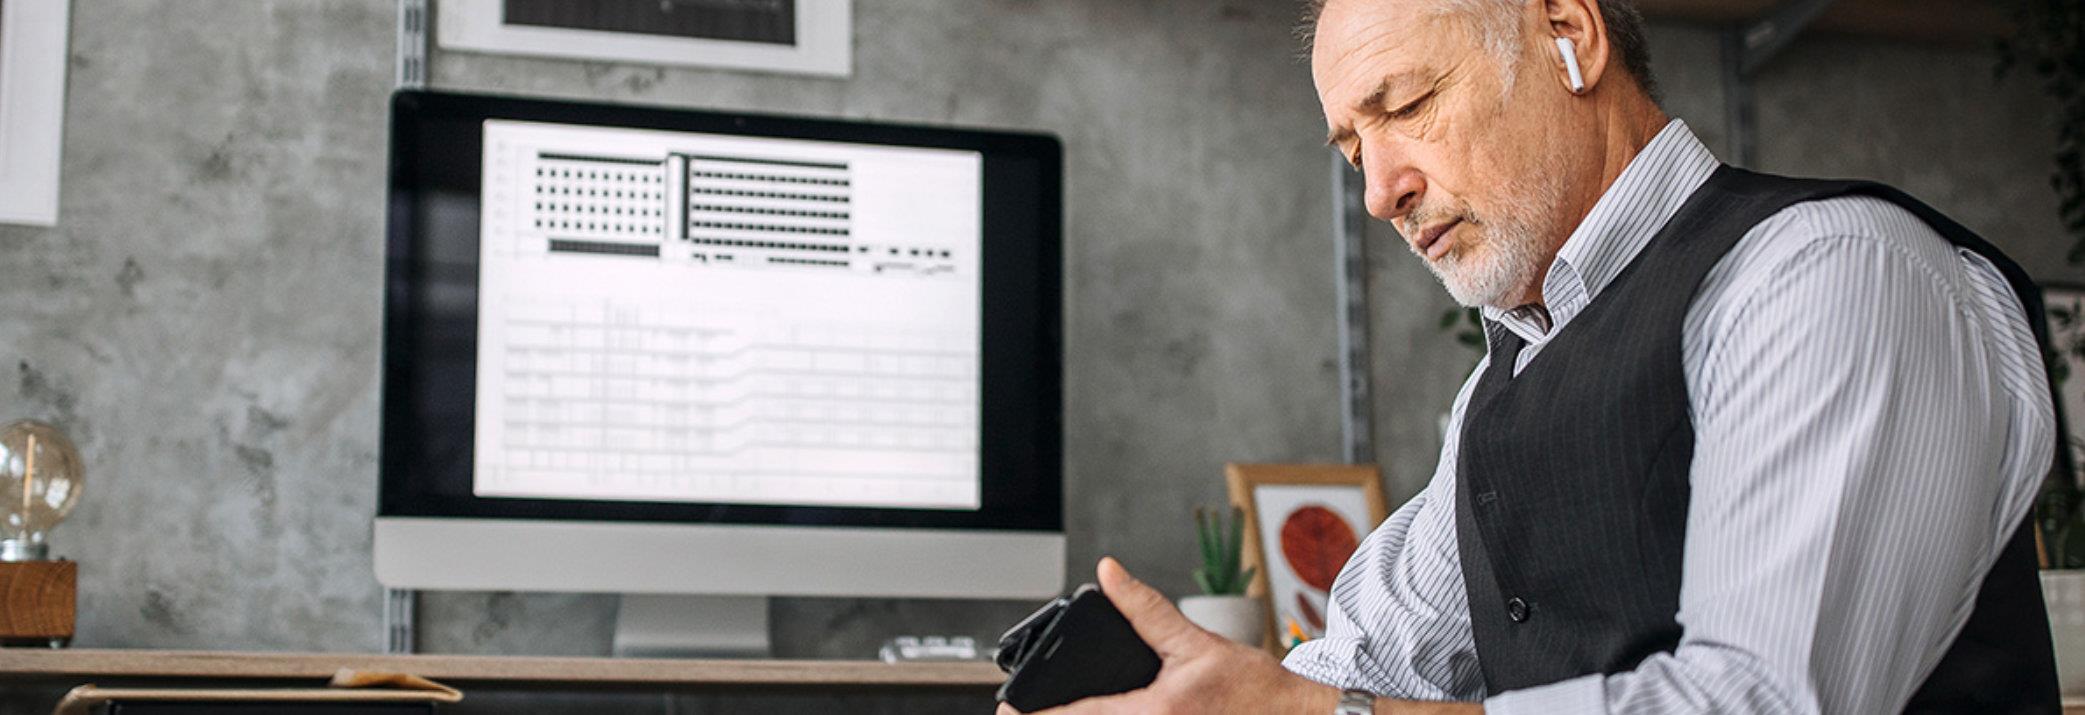 Online-Coaching für Manager